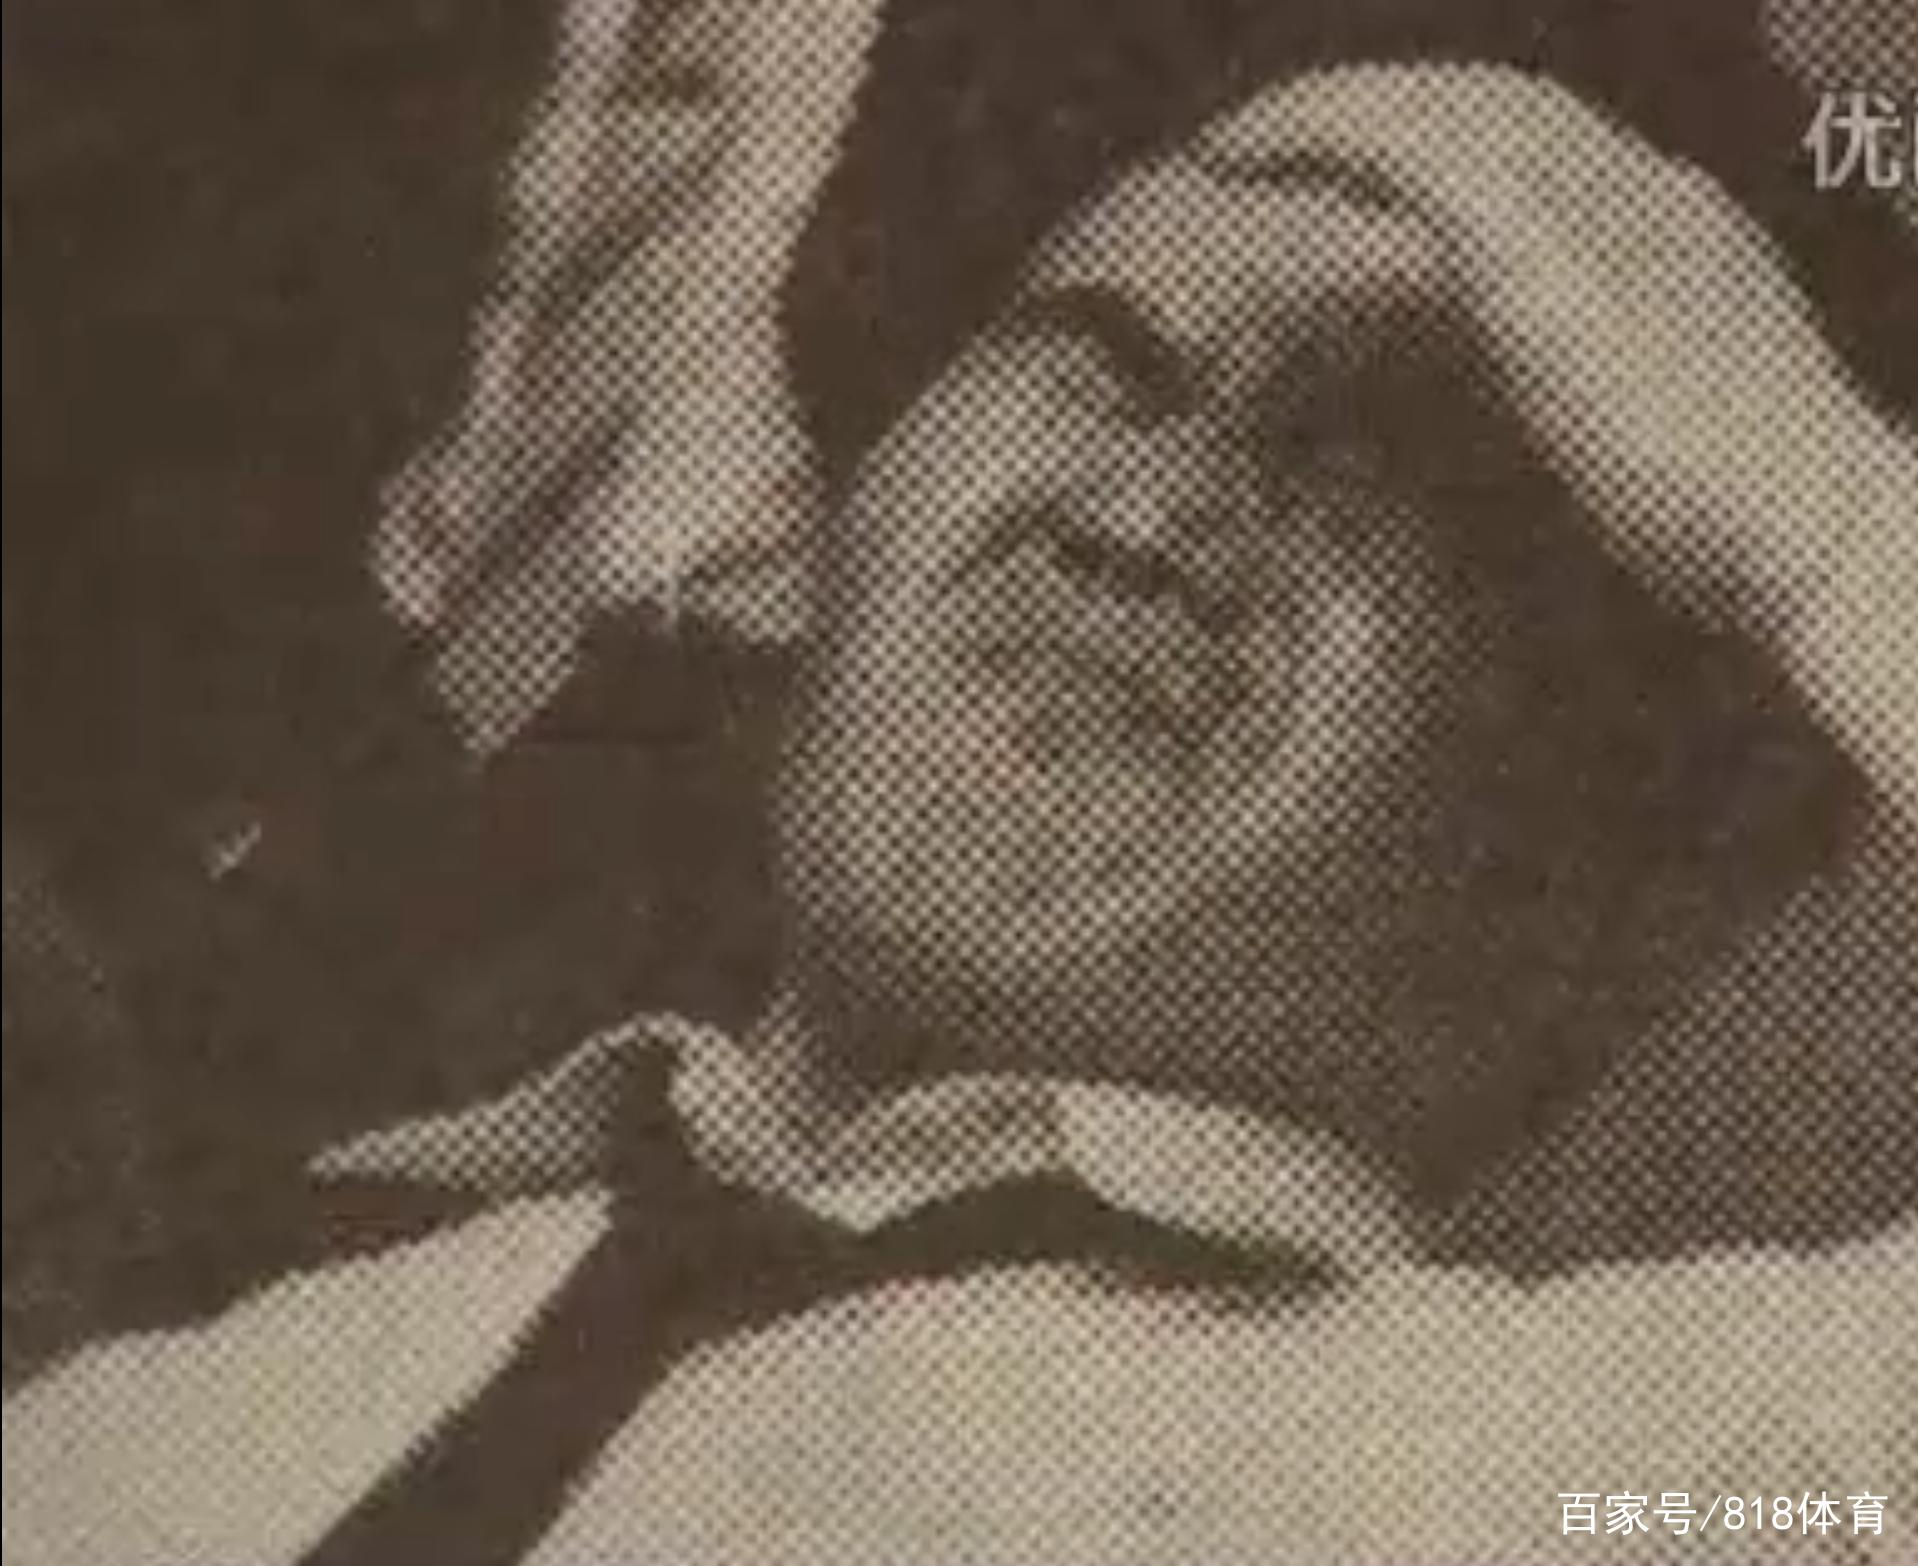 大竹英雄小瞧聂卫平:过5年再和我较量,被逼得下昏招大叫:我是蠢猪